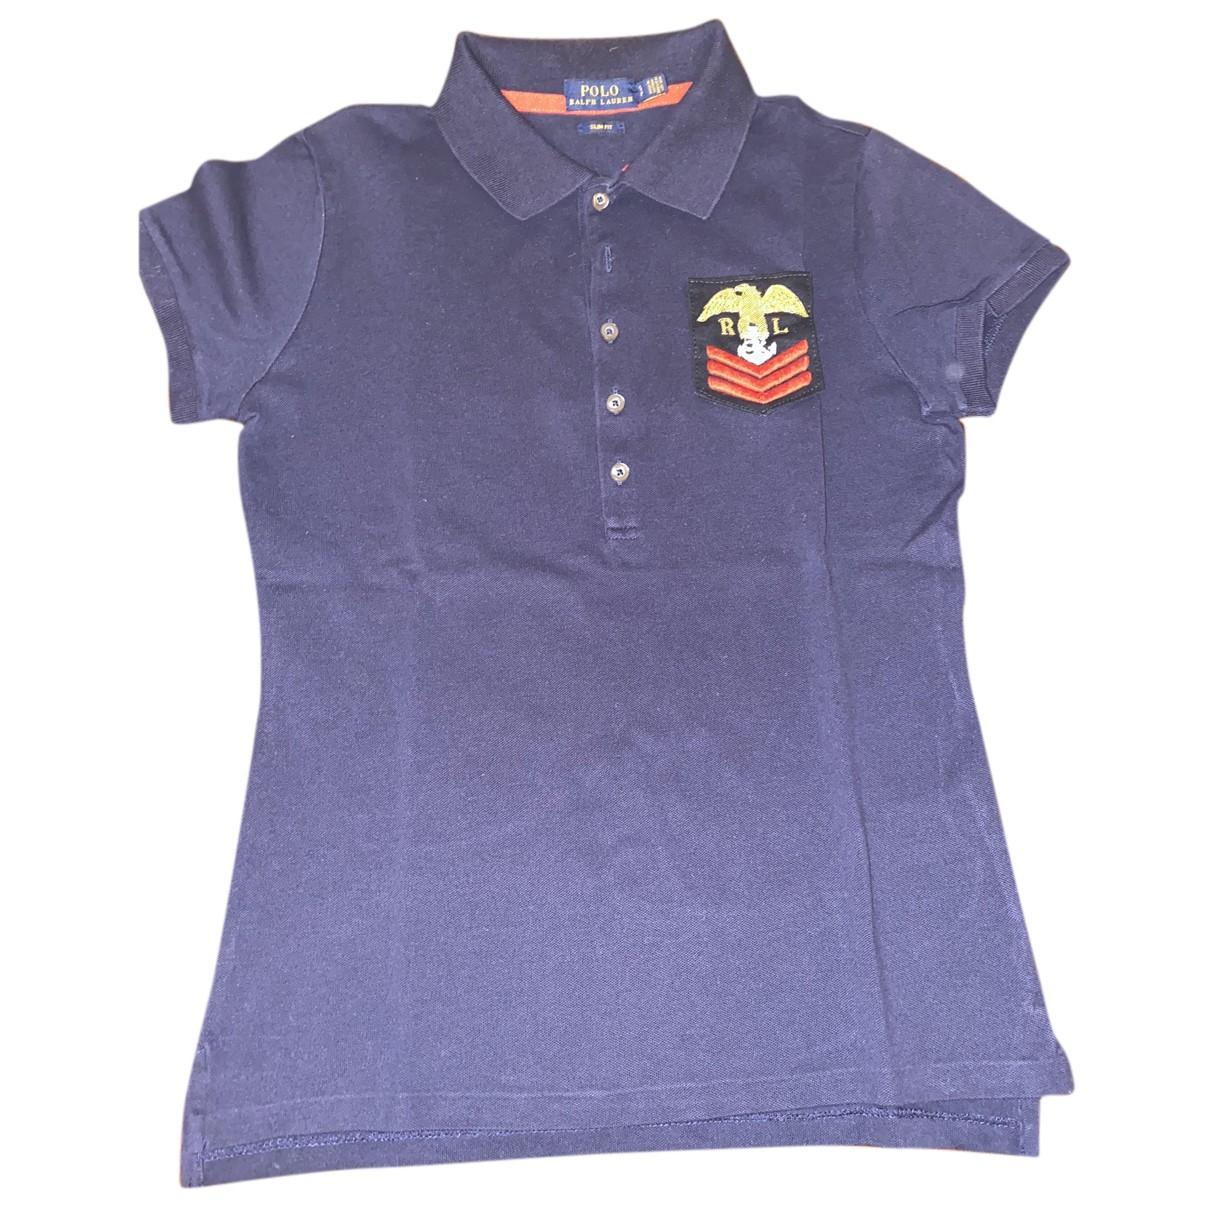 Polo Ralph Lauren - Top Polo cintre manches courtes pour femme en coton - bleu